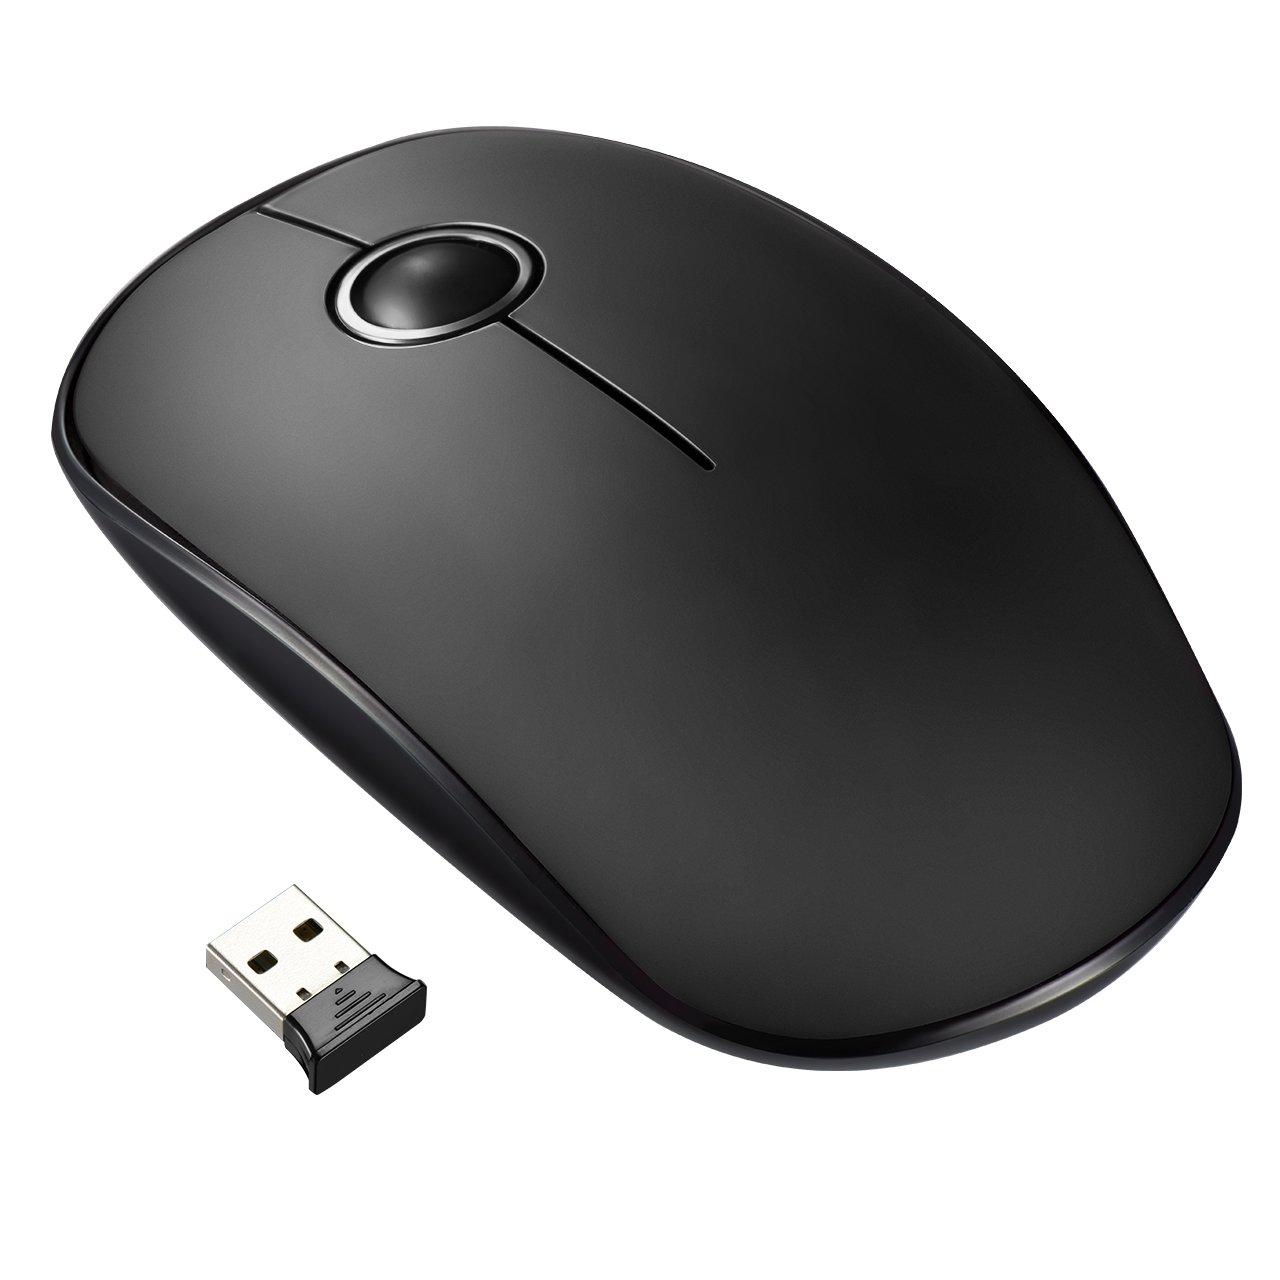 VicTsing Ratón Inalámbrico Delgado Mini 2.4G con Receptor Nano, Tecla Silenciosa y Preciso, 1600 dpi, Ordenador Portátil/PC/Tableta- Negro